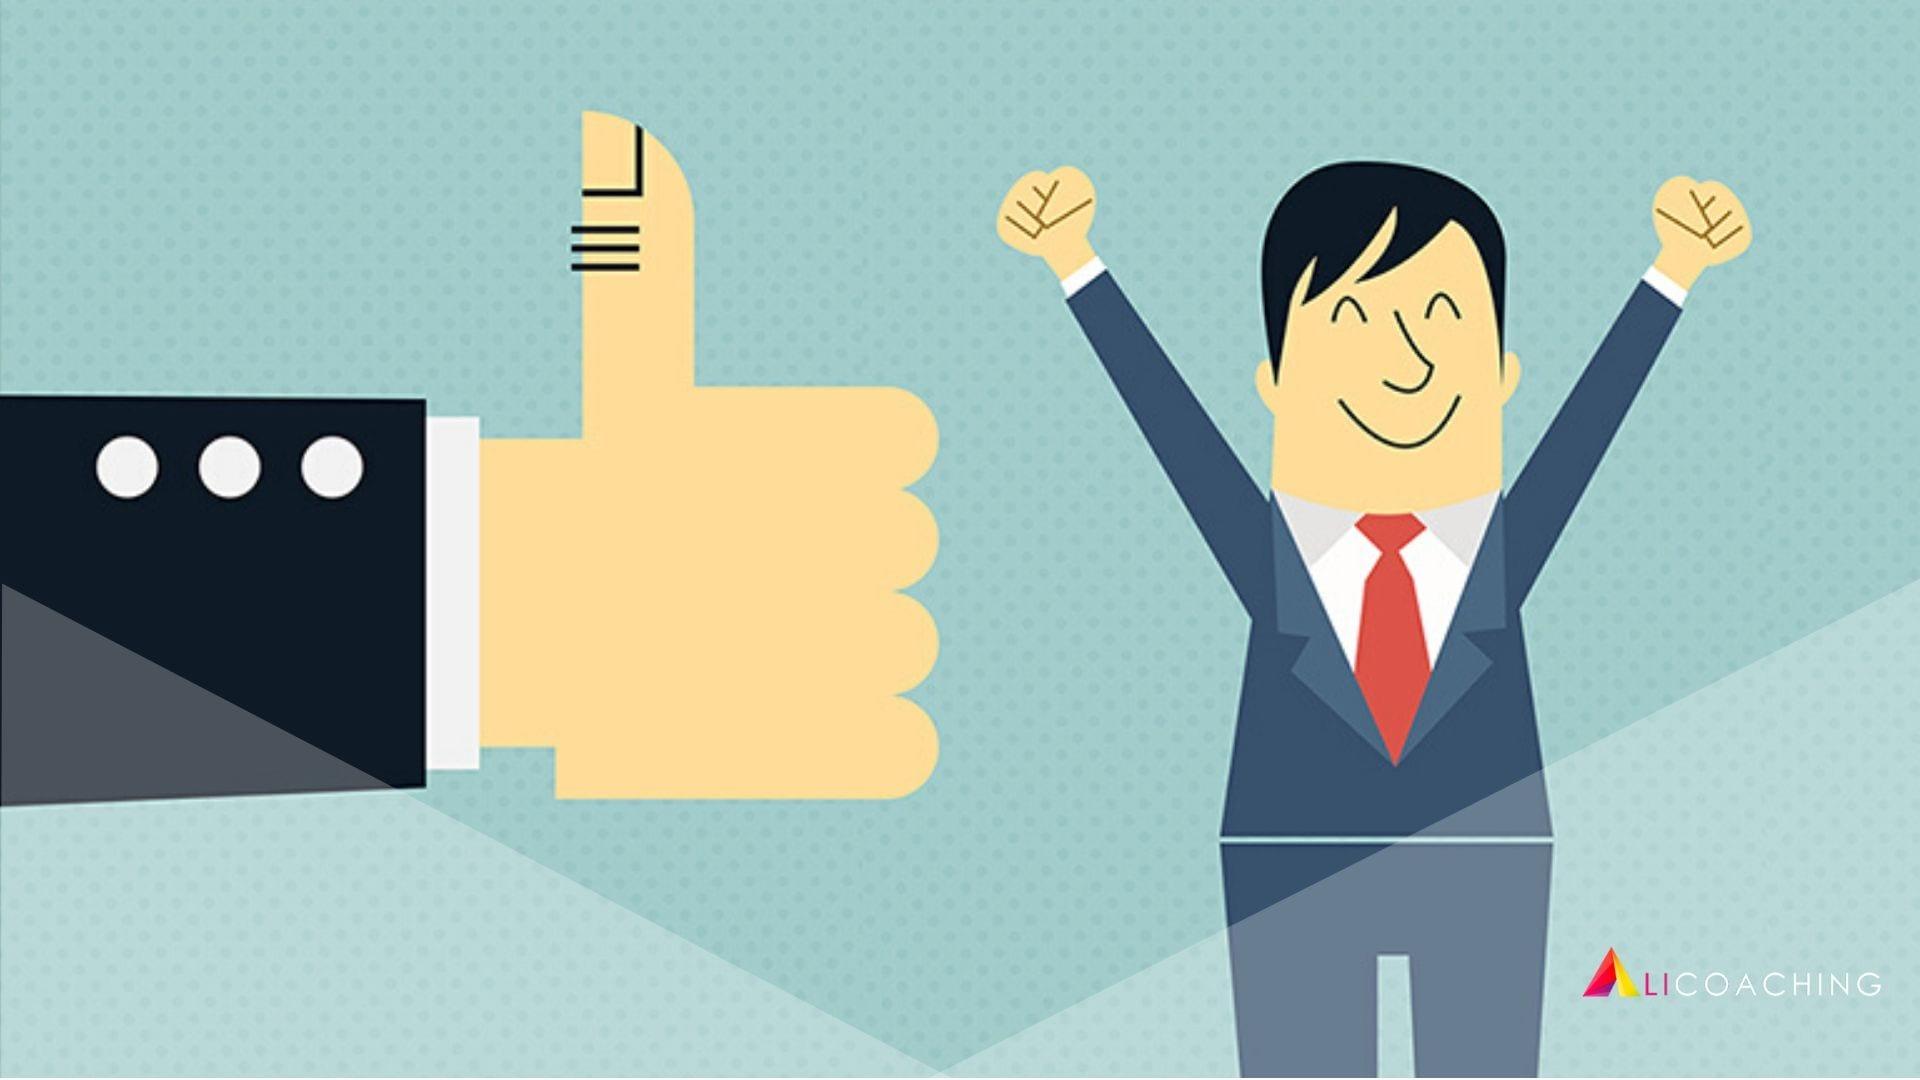 3 consigli utili per farsi apprezzare sul lavoro e aumentare l'autostima.